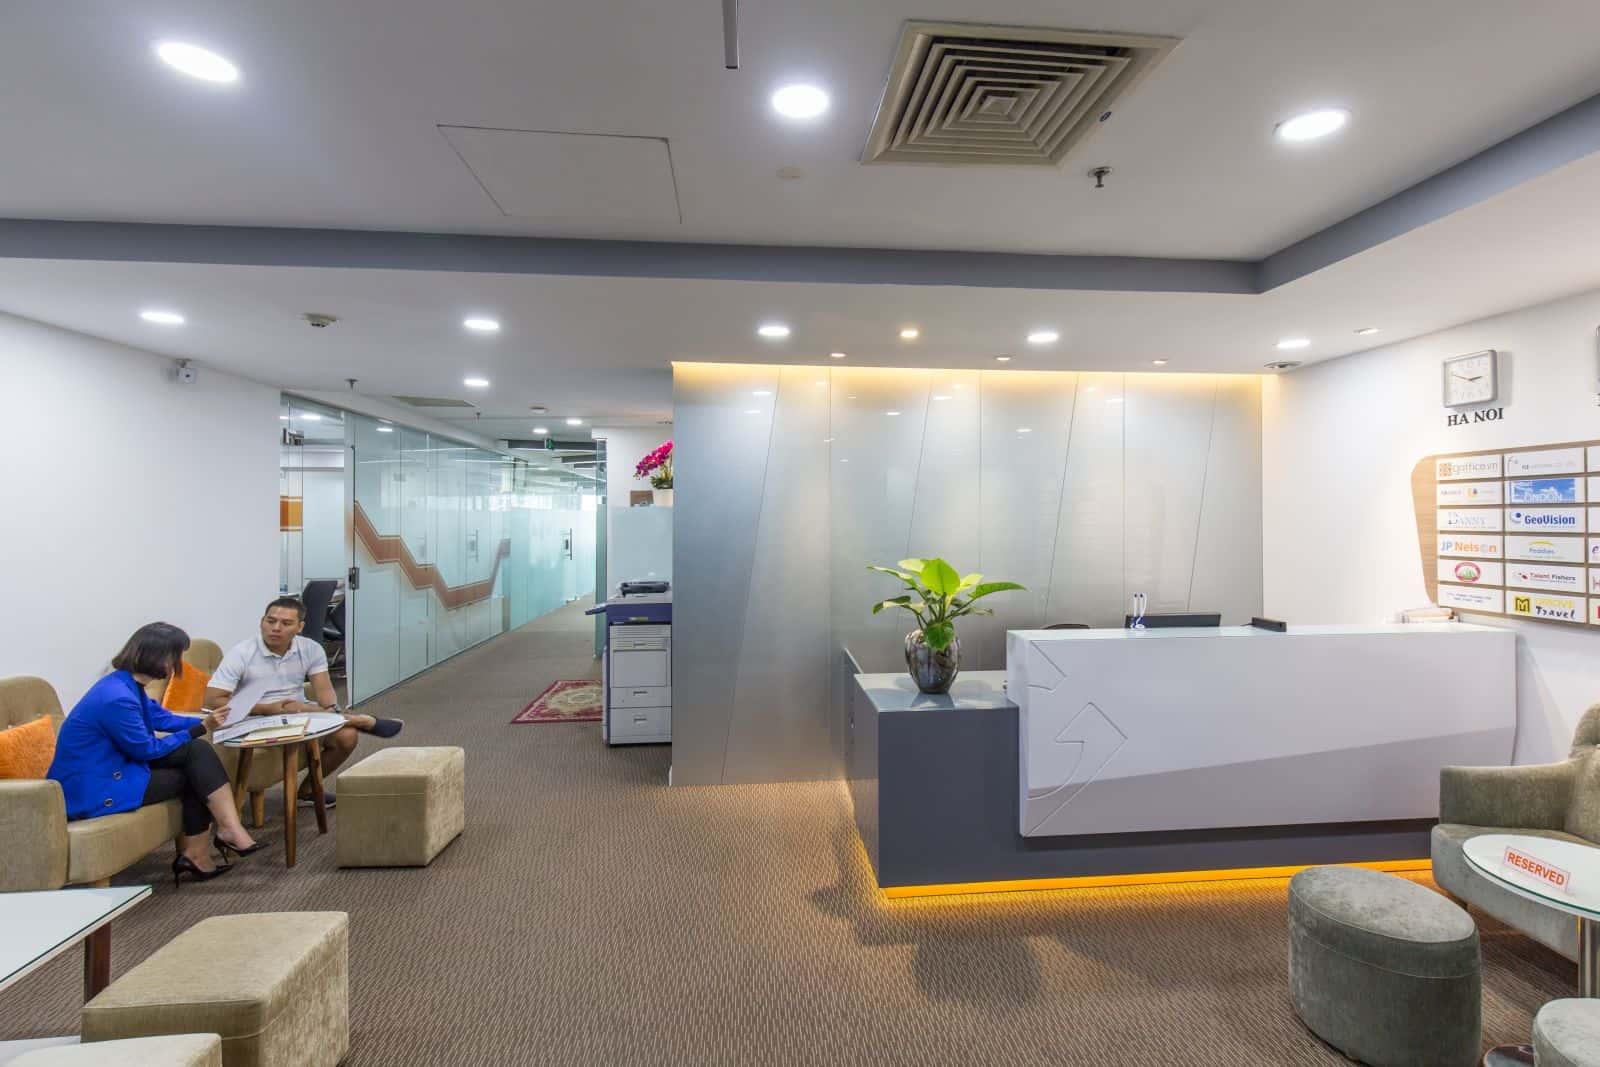 Kinh nghiệm thuê văn phòng ảo - Ảnh 2